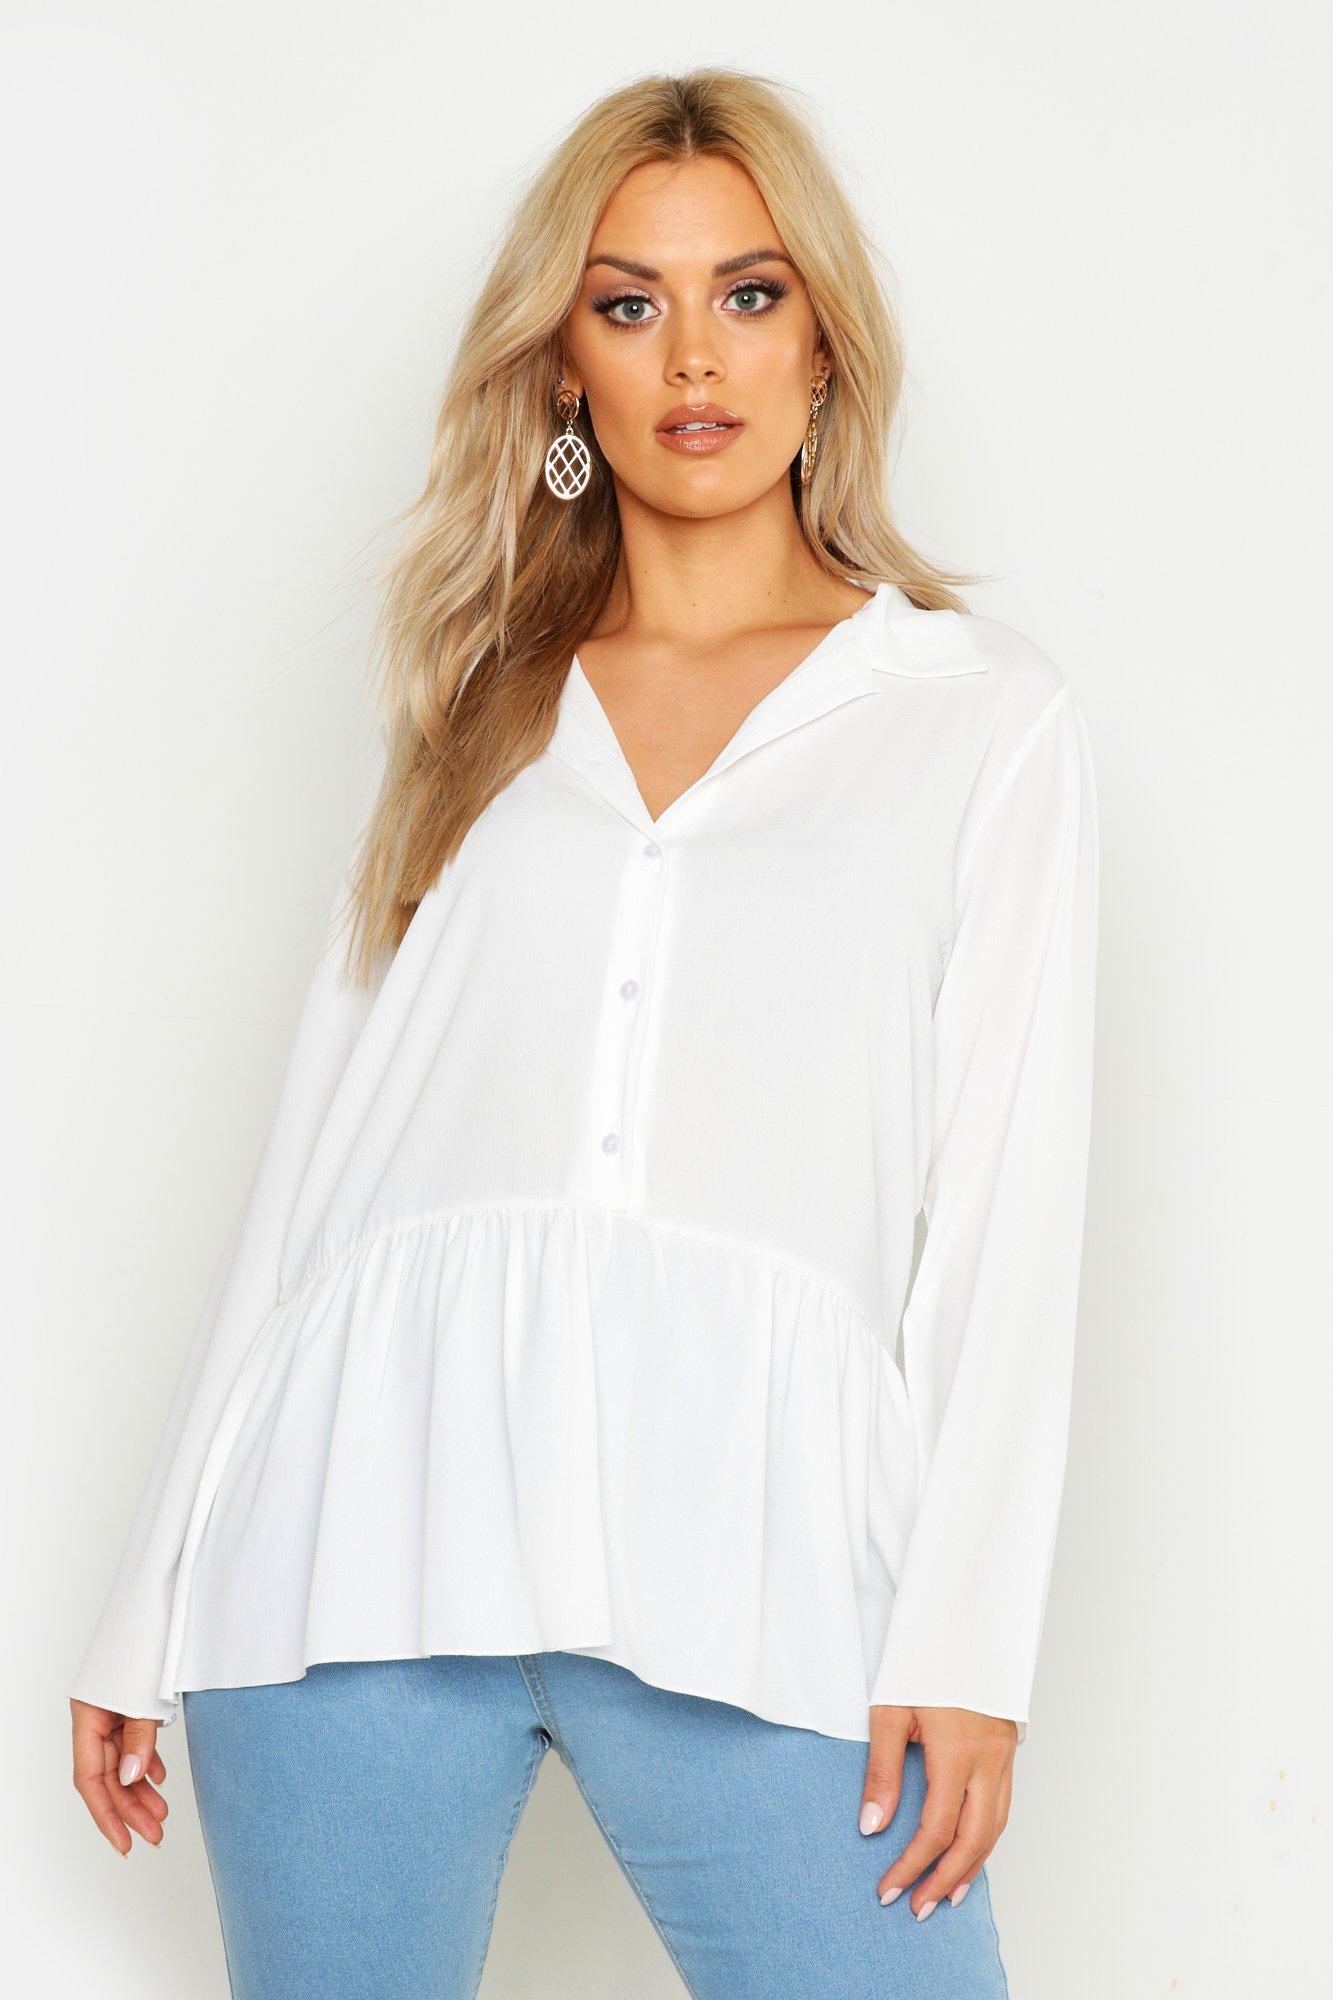 Womens Plus Hemd mit Schößchensaum - Weiß - 48, Weiß - Boohoo.com